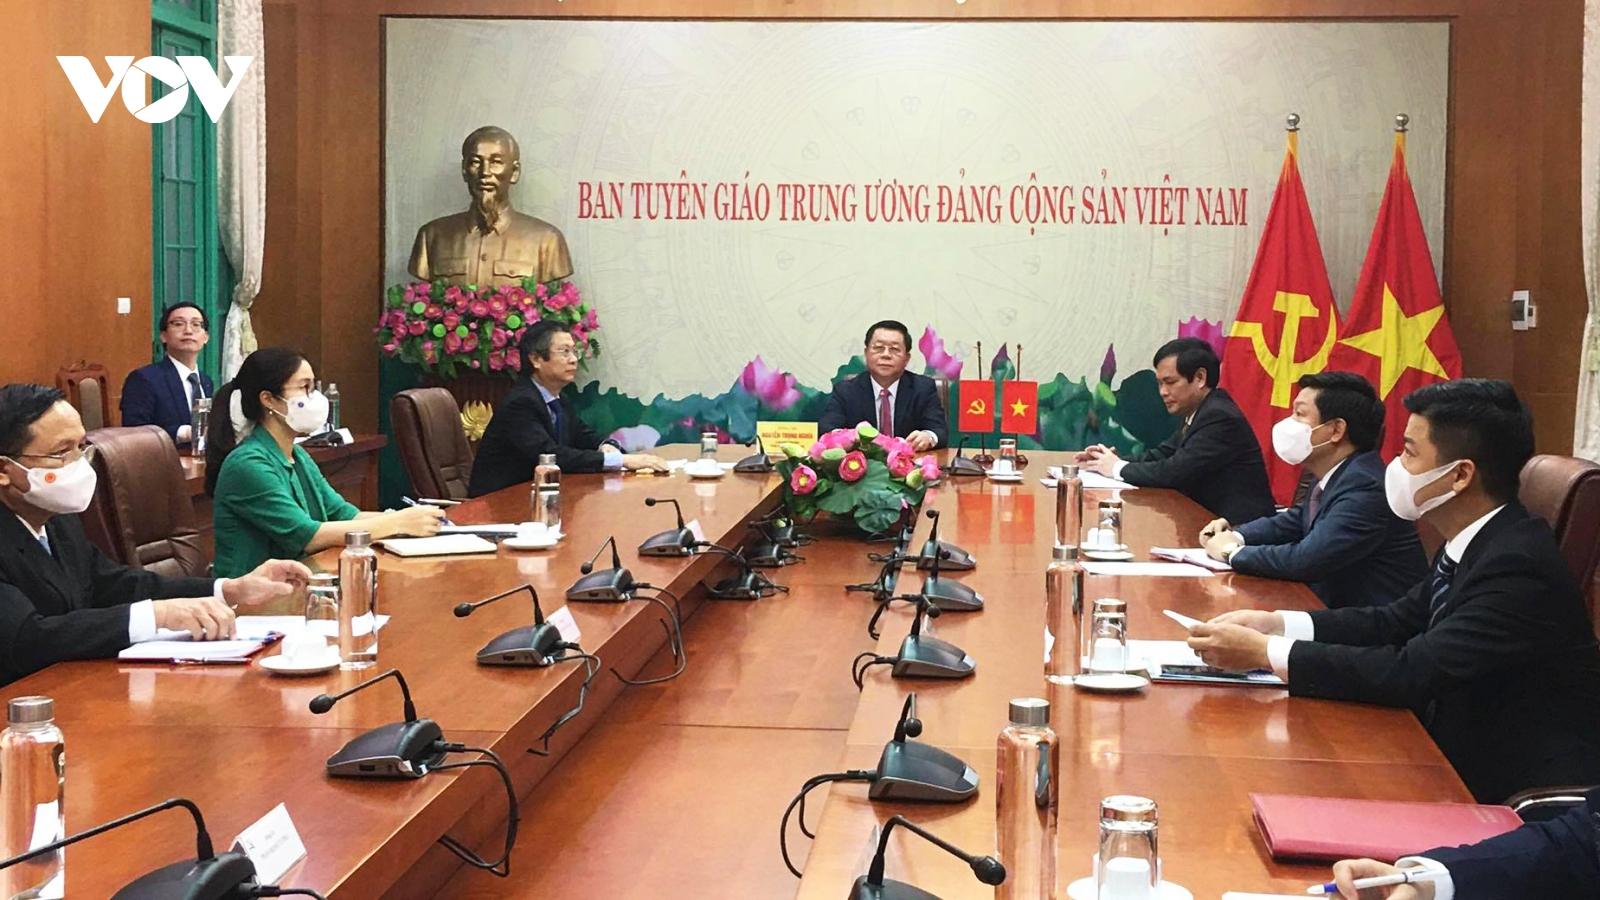 Đẩy mạnh hợp tác Việt Nam – Trung Quốc về nghiên cứu lý luận, tuyên truyền